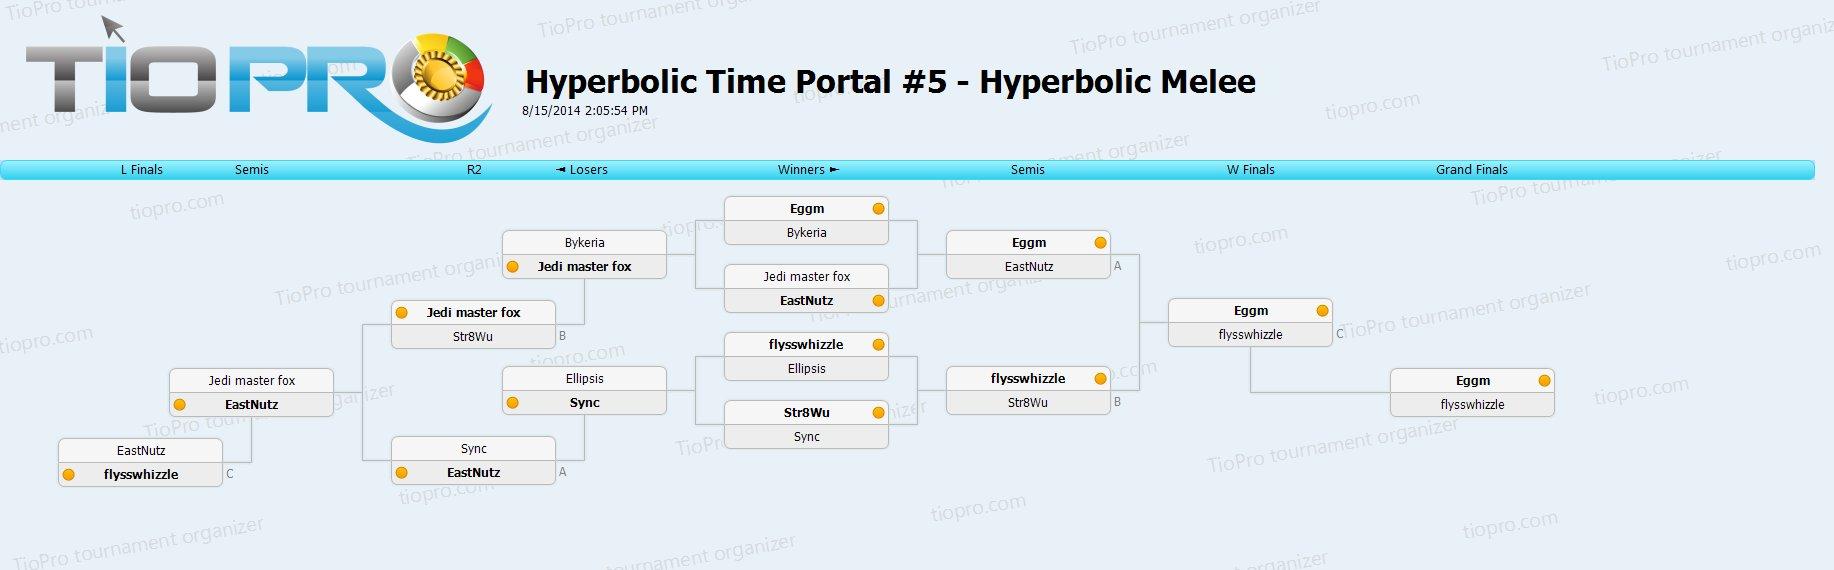 Hyperbolic Melee #5